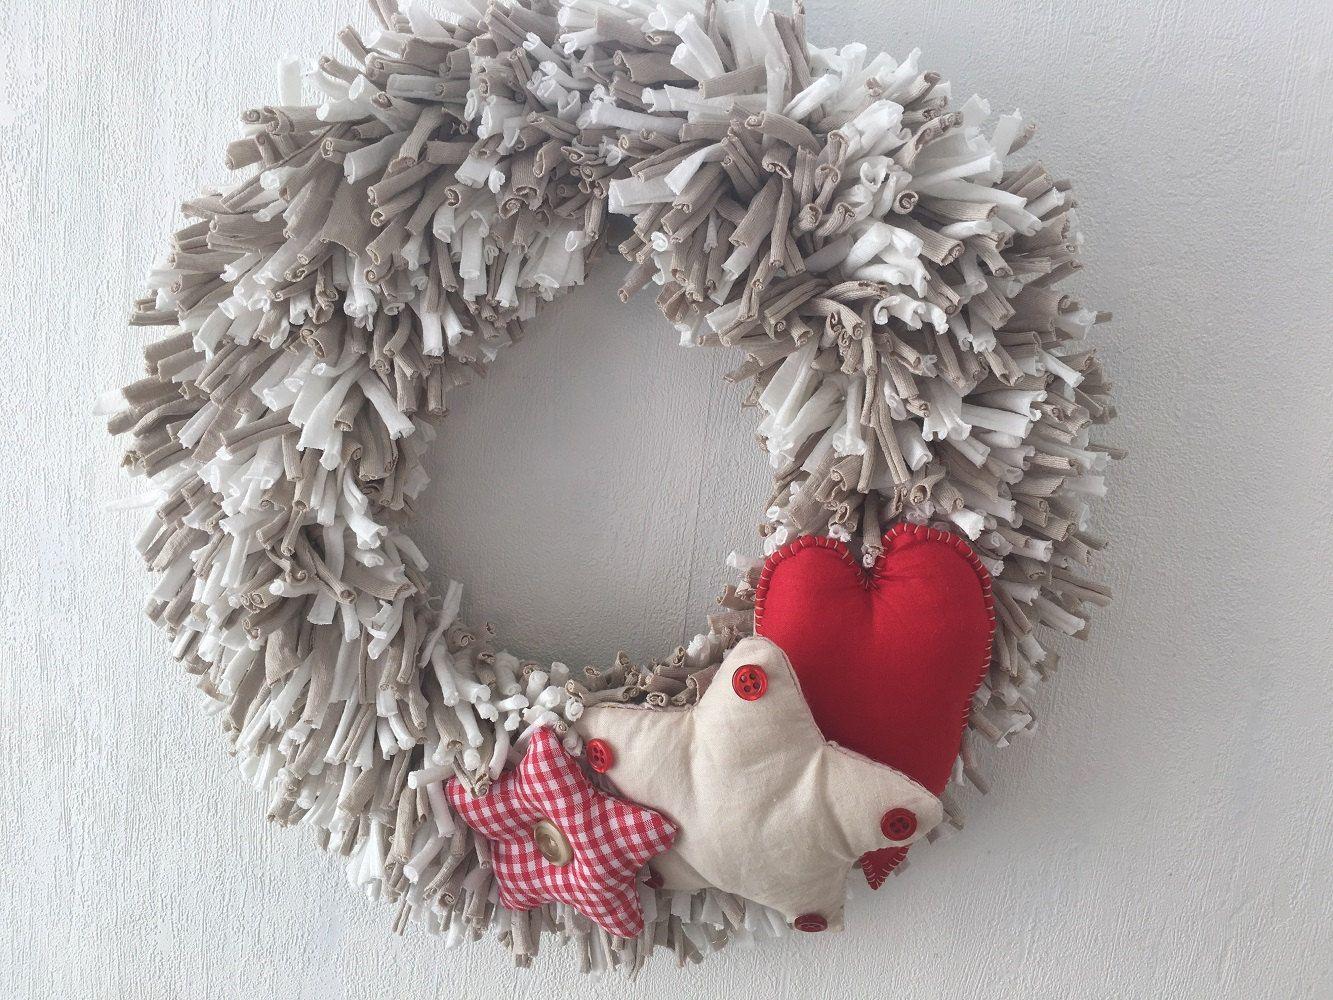 Corona Navidad Hecha A Mano Corona Trapillo Beige Y Blanca Decoración Navidad Corona Con Estrellas Navidad Trapillo Navidad Hecha A Mano Coronas De Navidad